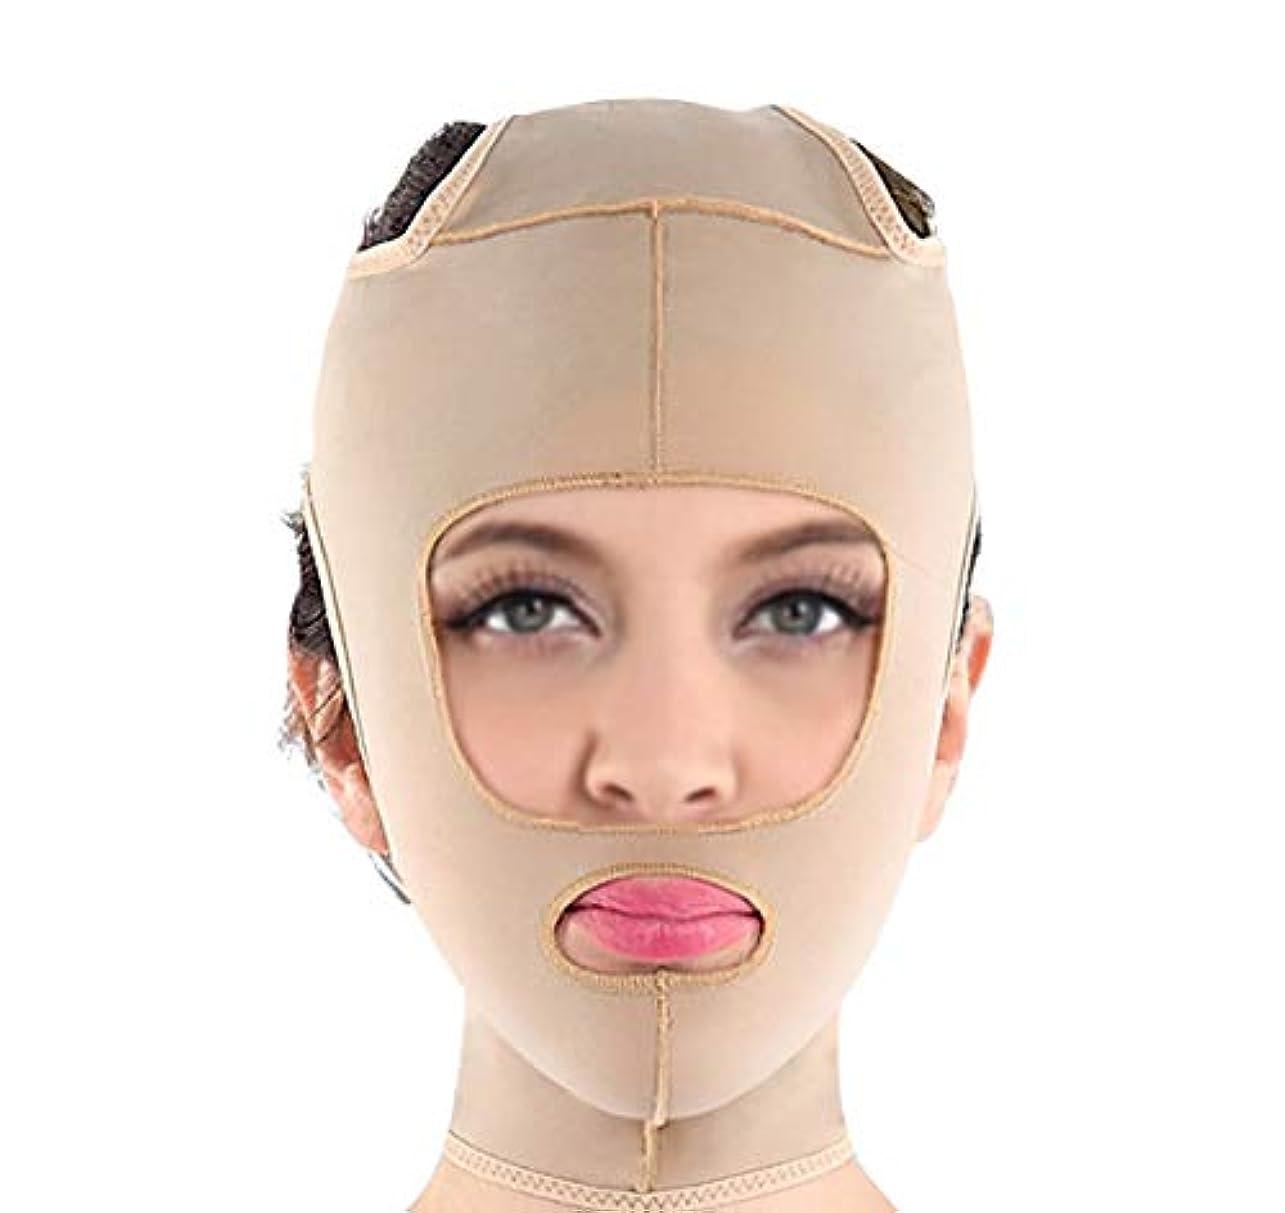 セメント酔っ払い憲法包帯vフェイス楽器フェイスマスクマジックフェイスフェイシャルファーミングフェイシャルマッサージフェイシャルリンクルリフティング引き締めプラスチックマスク (Size : S)